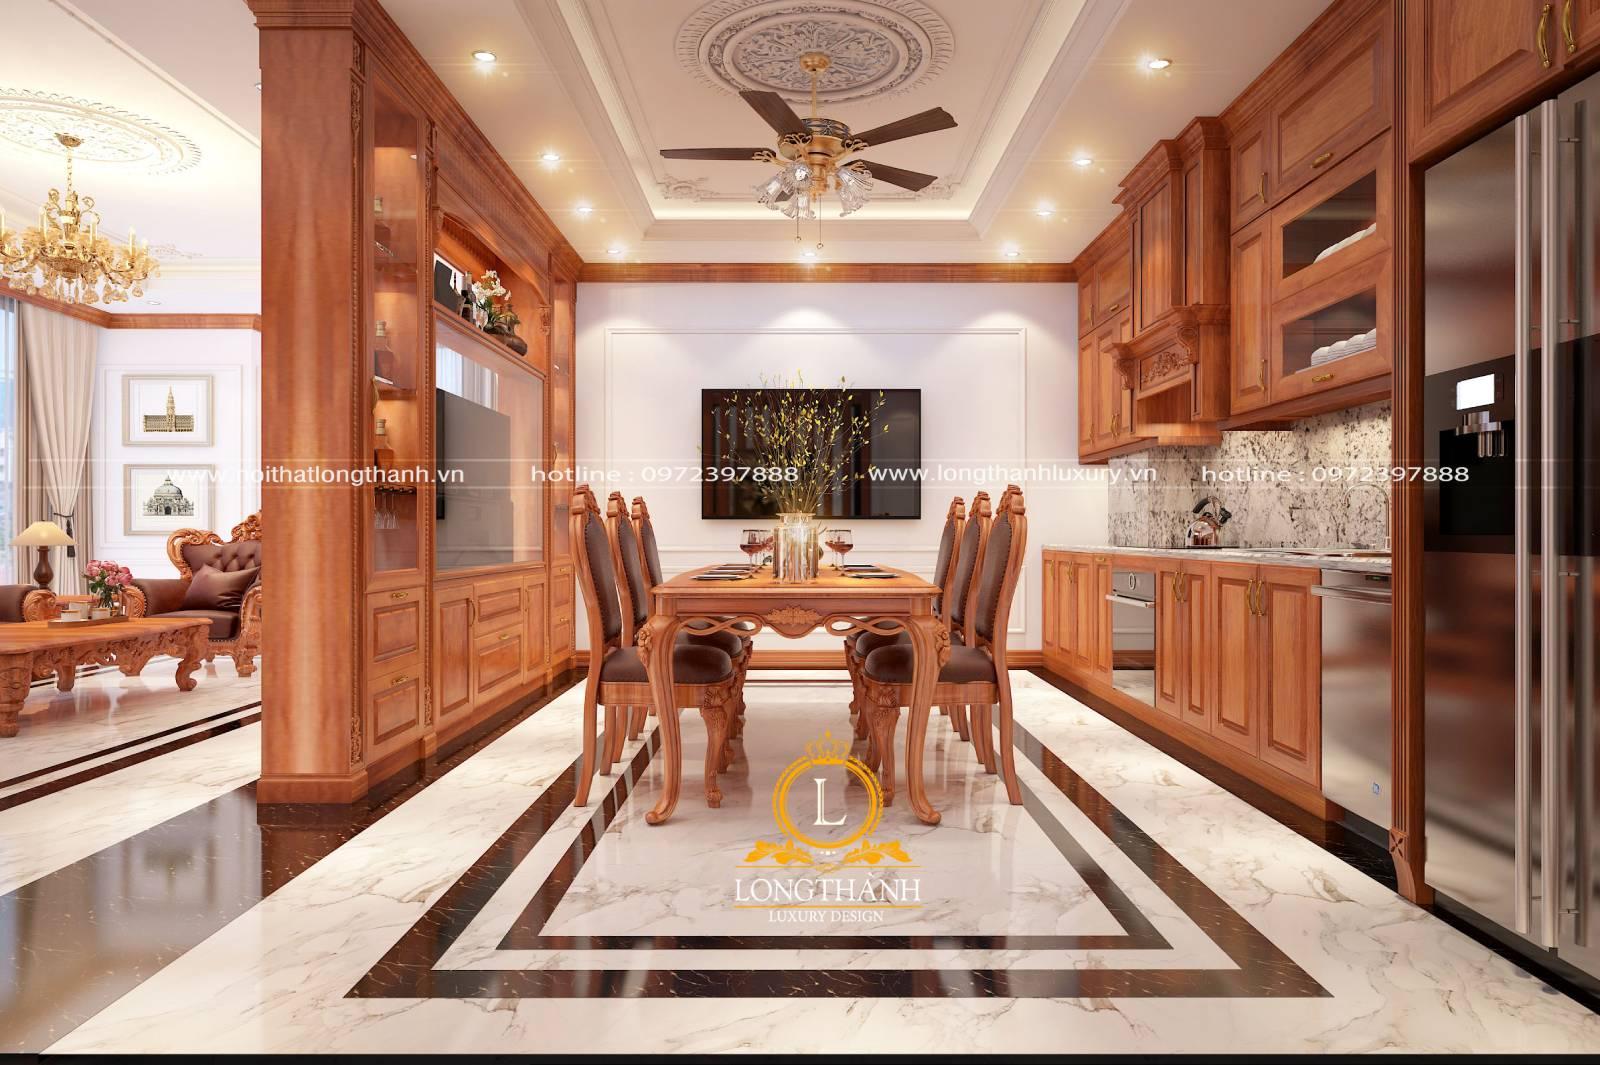 Tổng thể nội thất phòng bếp hài hòa cân đối với mẫu tủ bếp gỗ Gõ đỏ chữ I